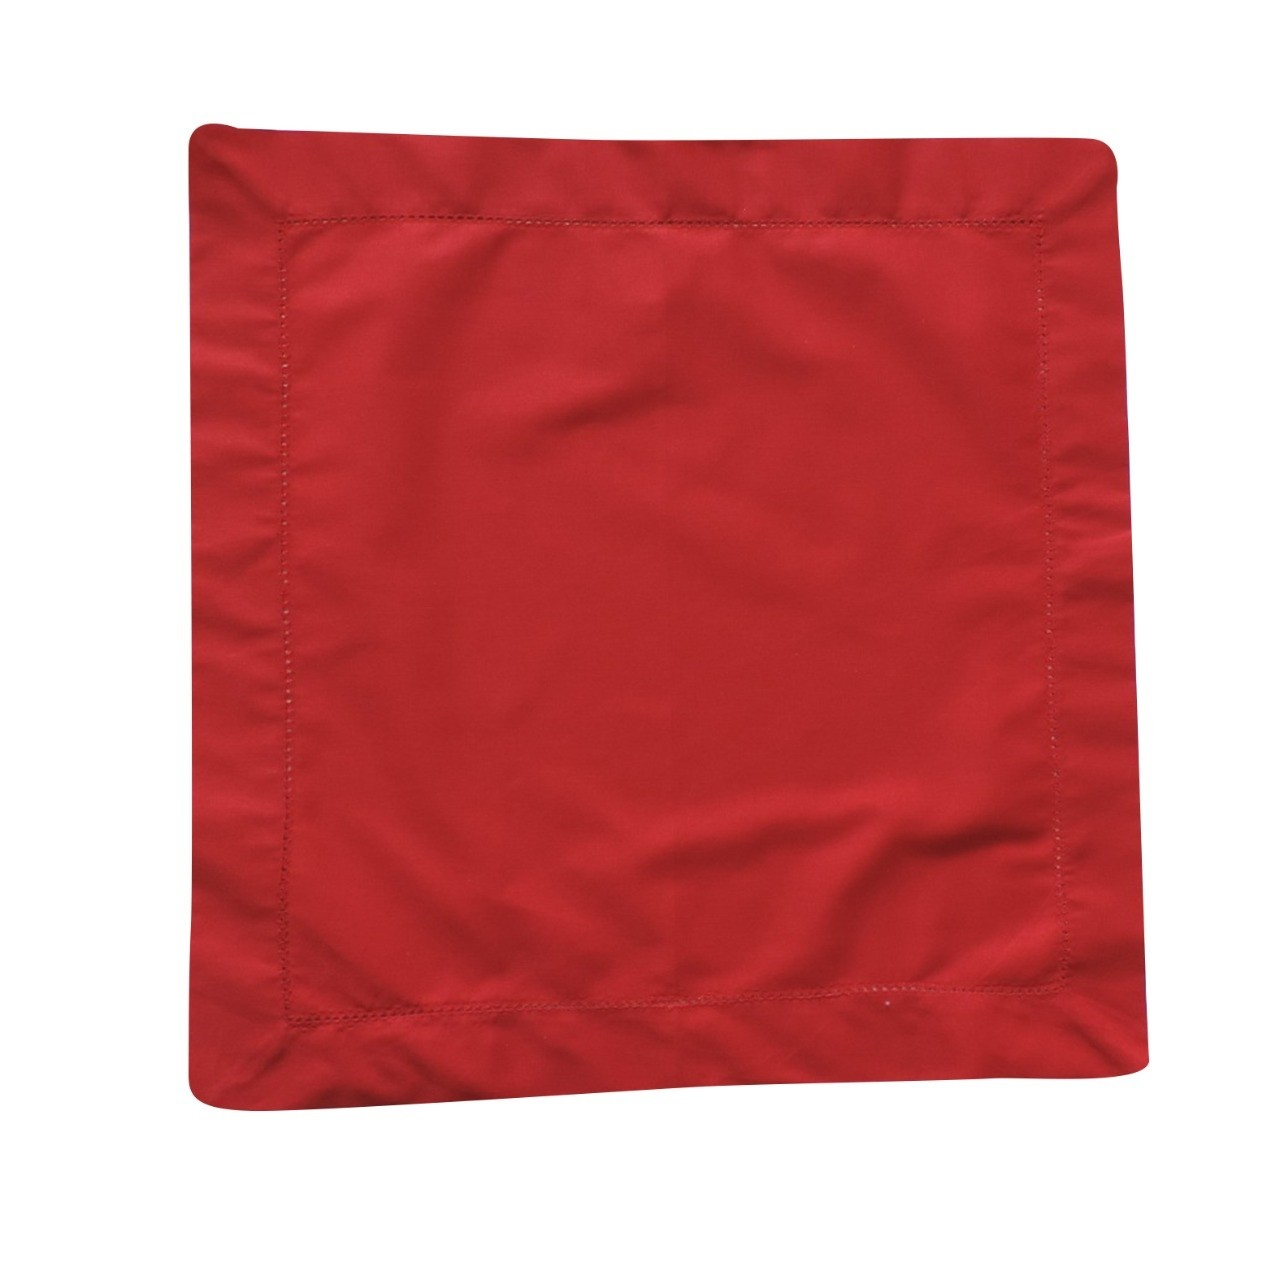 Guardanapo Ponto Aju 40x40cm Tecido Vermelho - Noemy Artesan